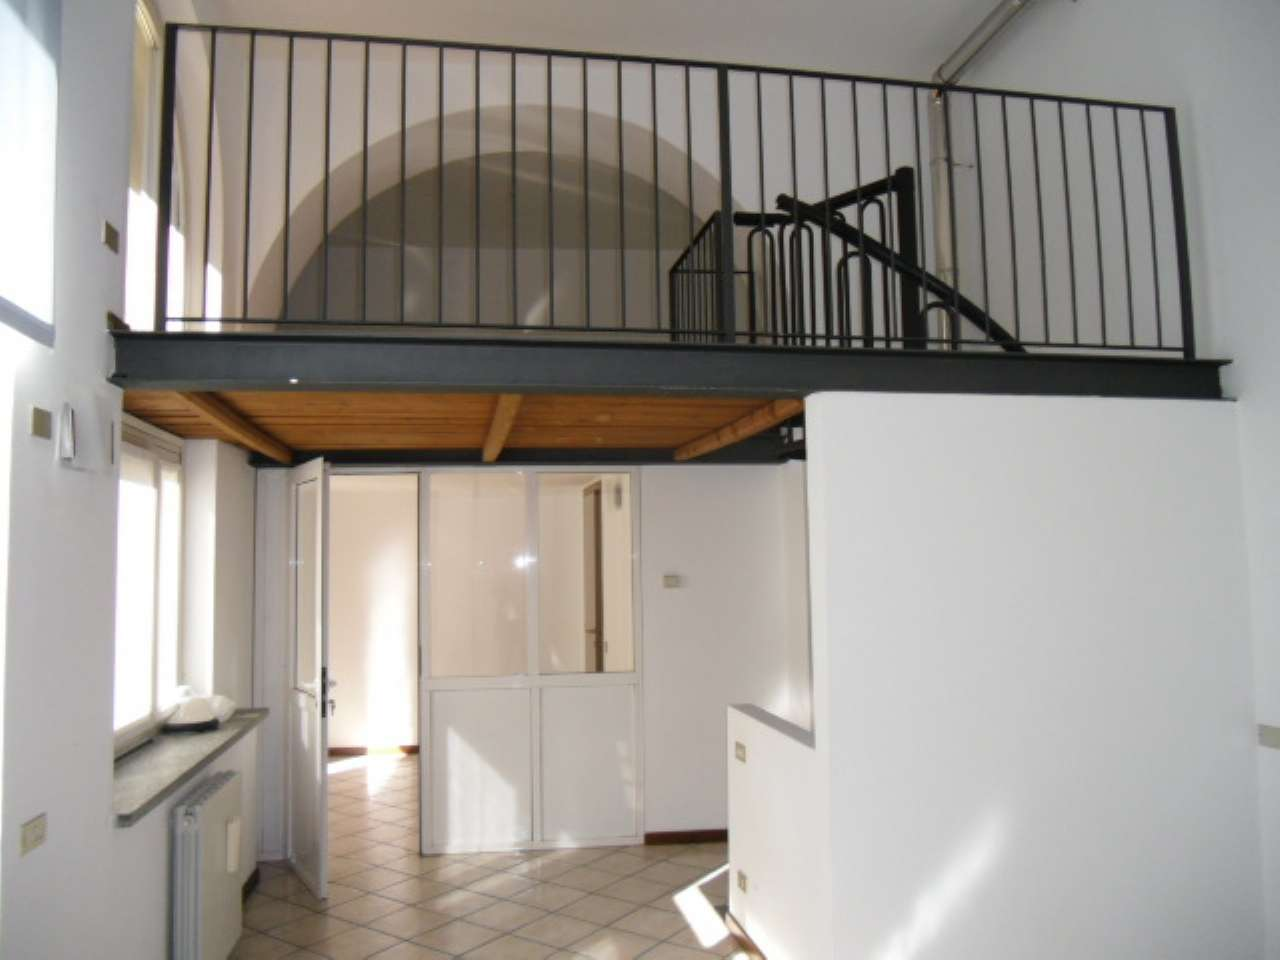 Ufficio / Studio in affitto a Varese, 2 locali, prezzo € 400 | CambioCasa.it